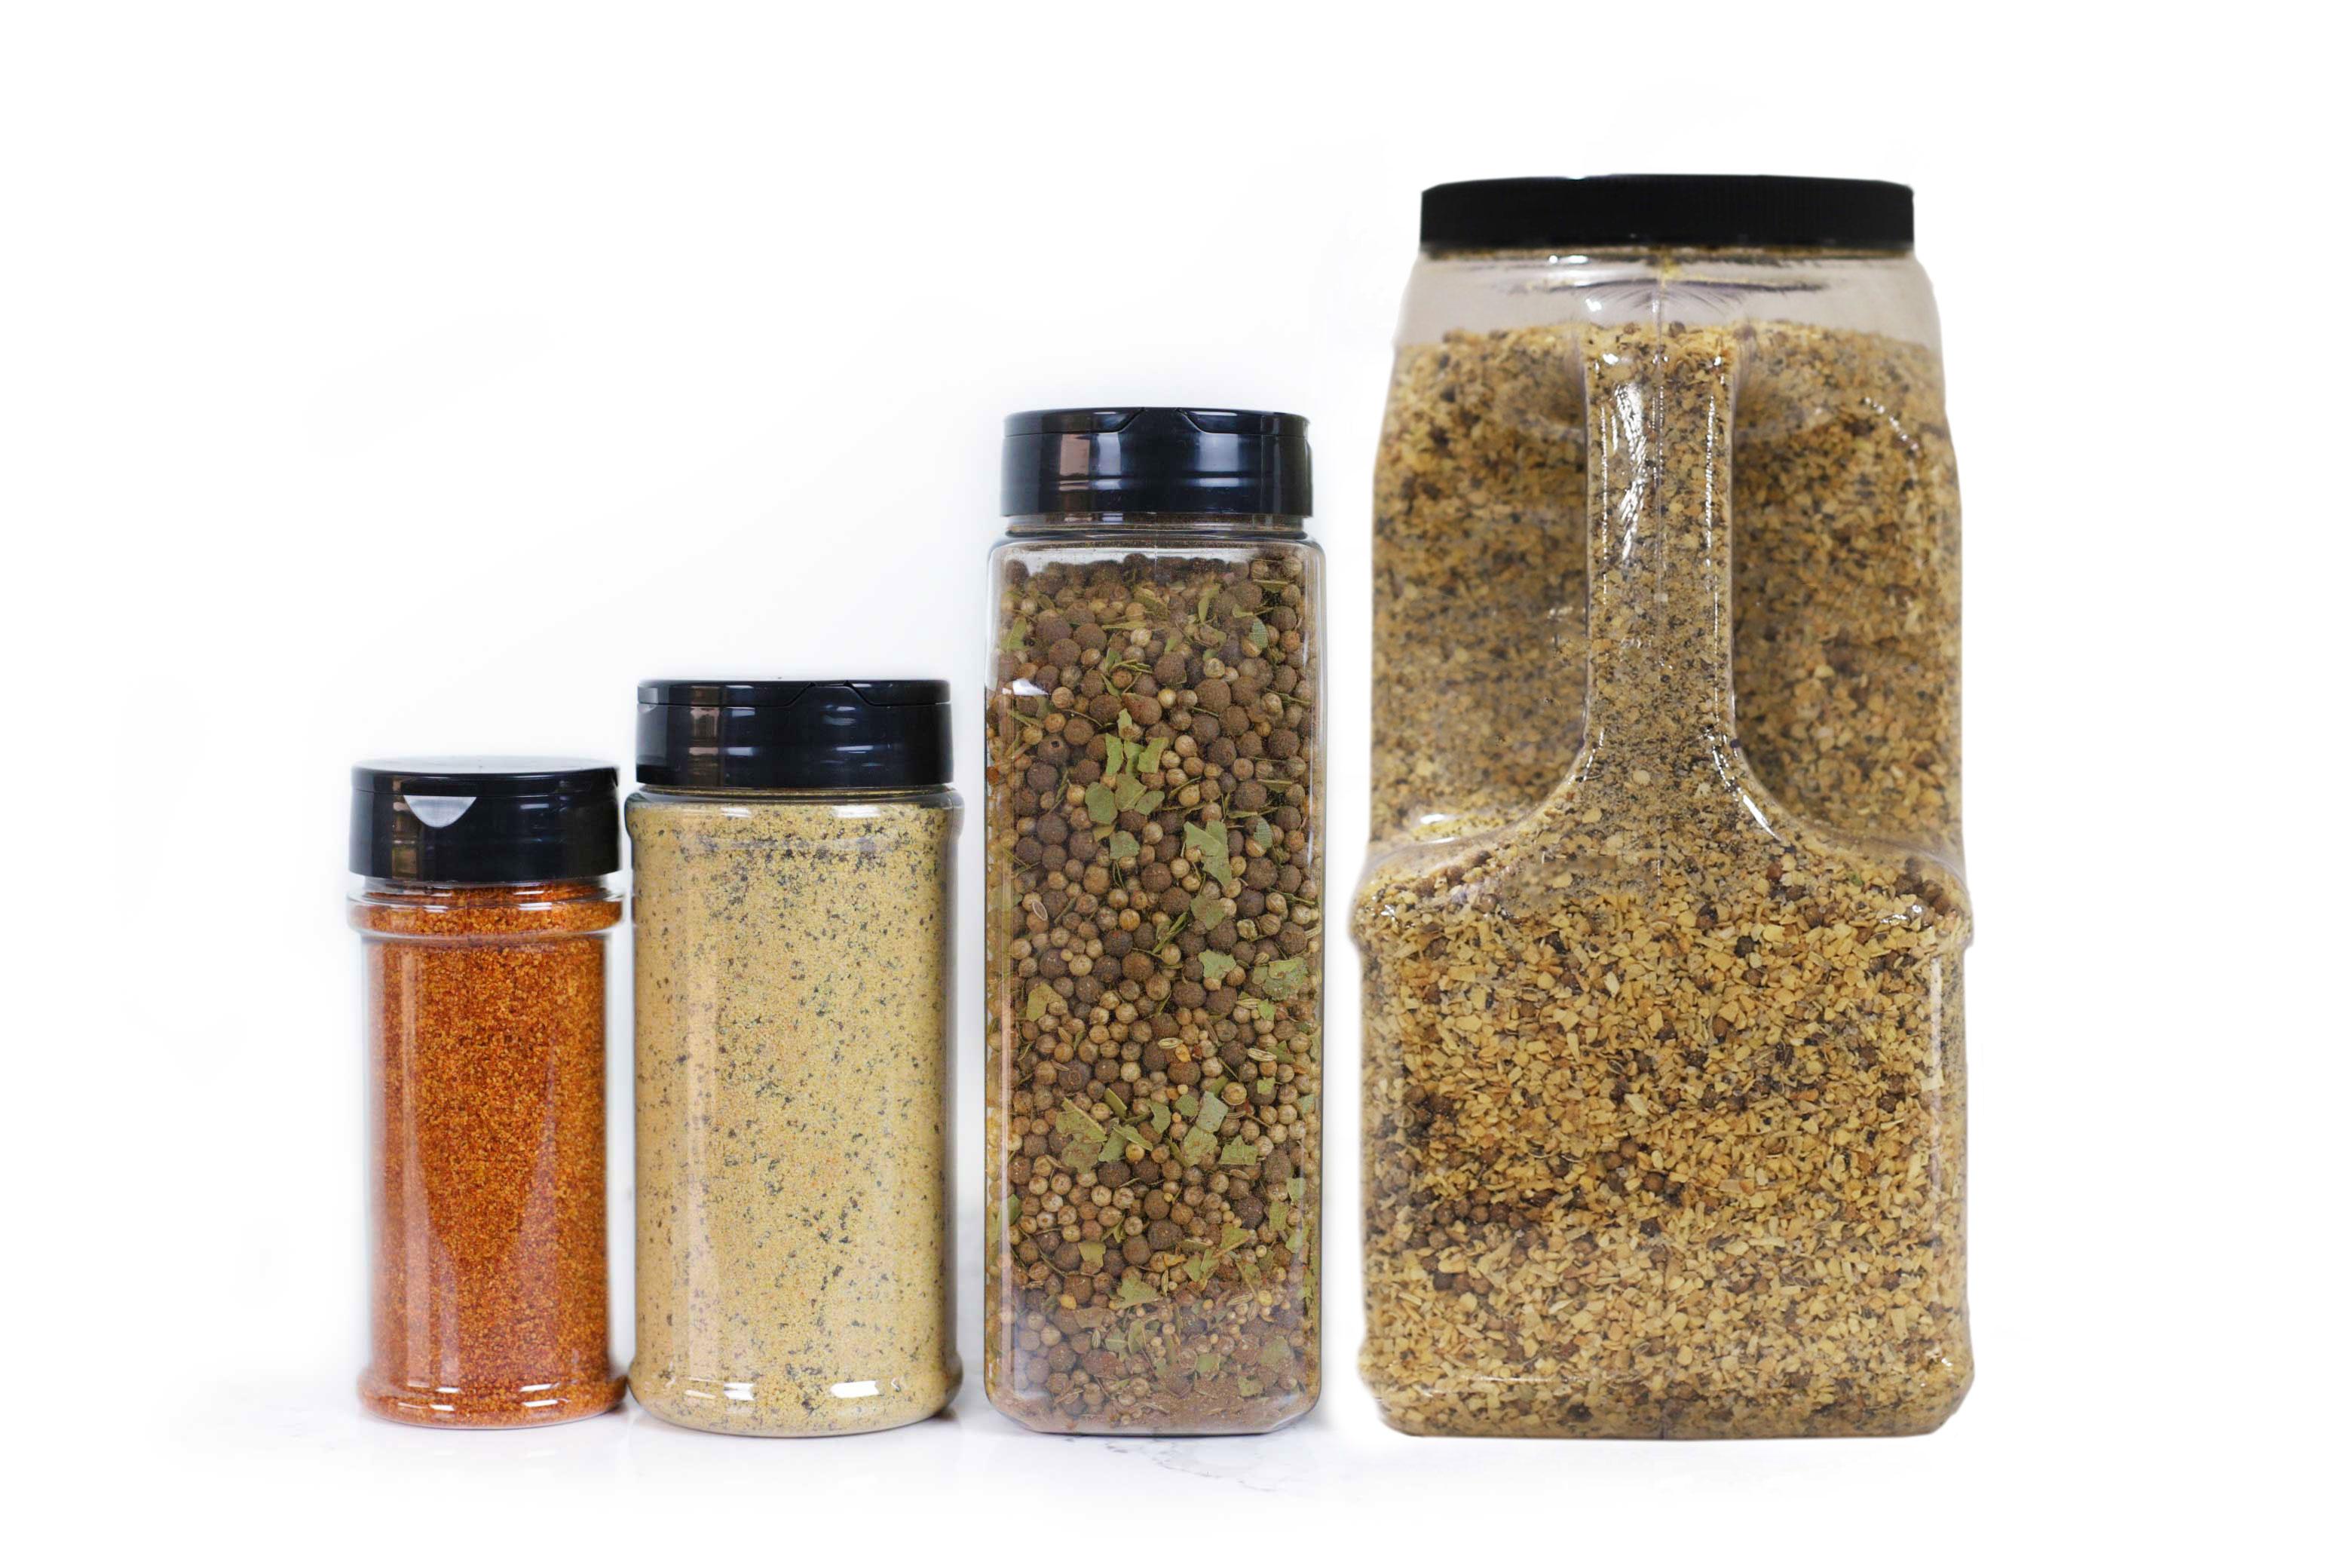 seasoning bottles